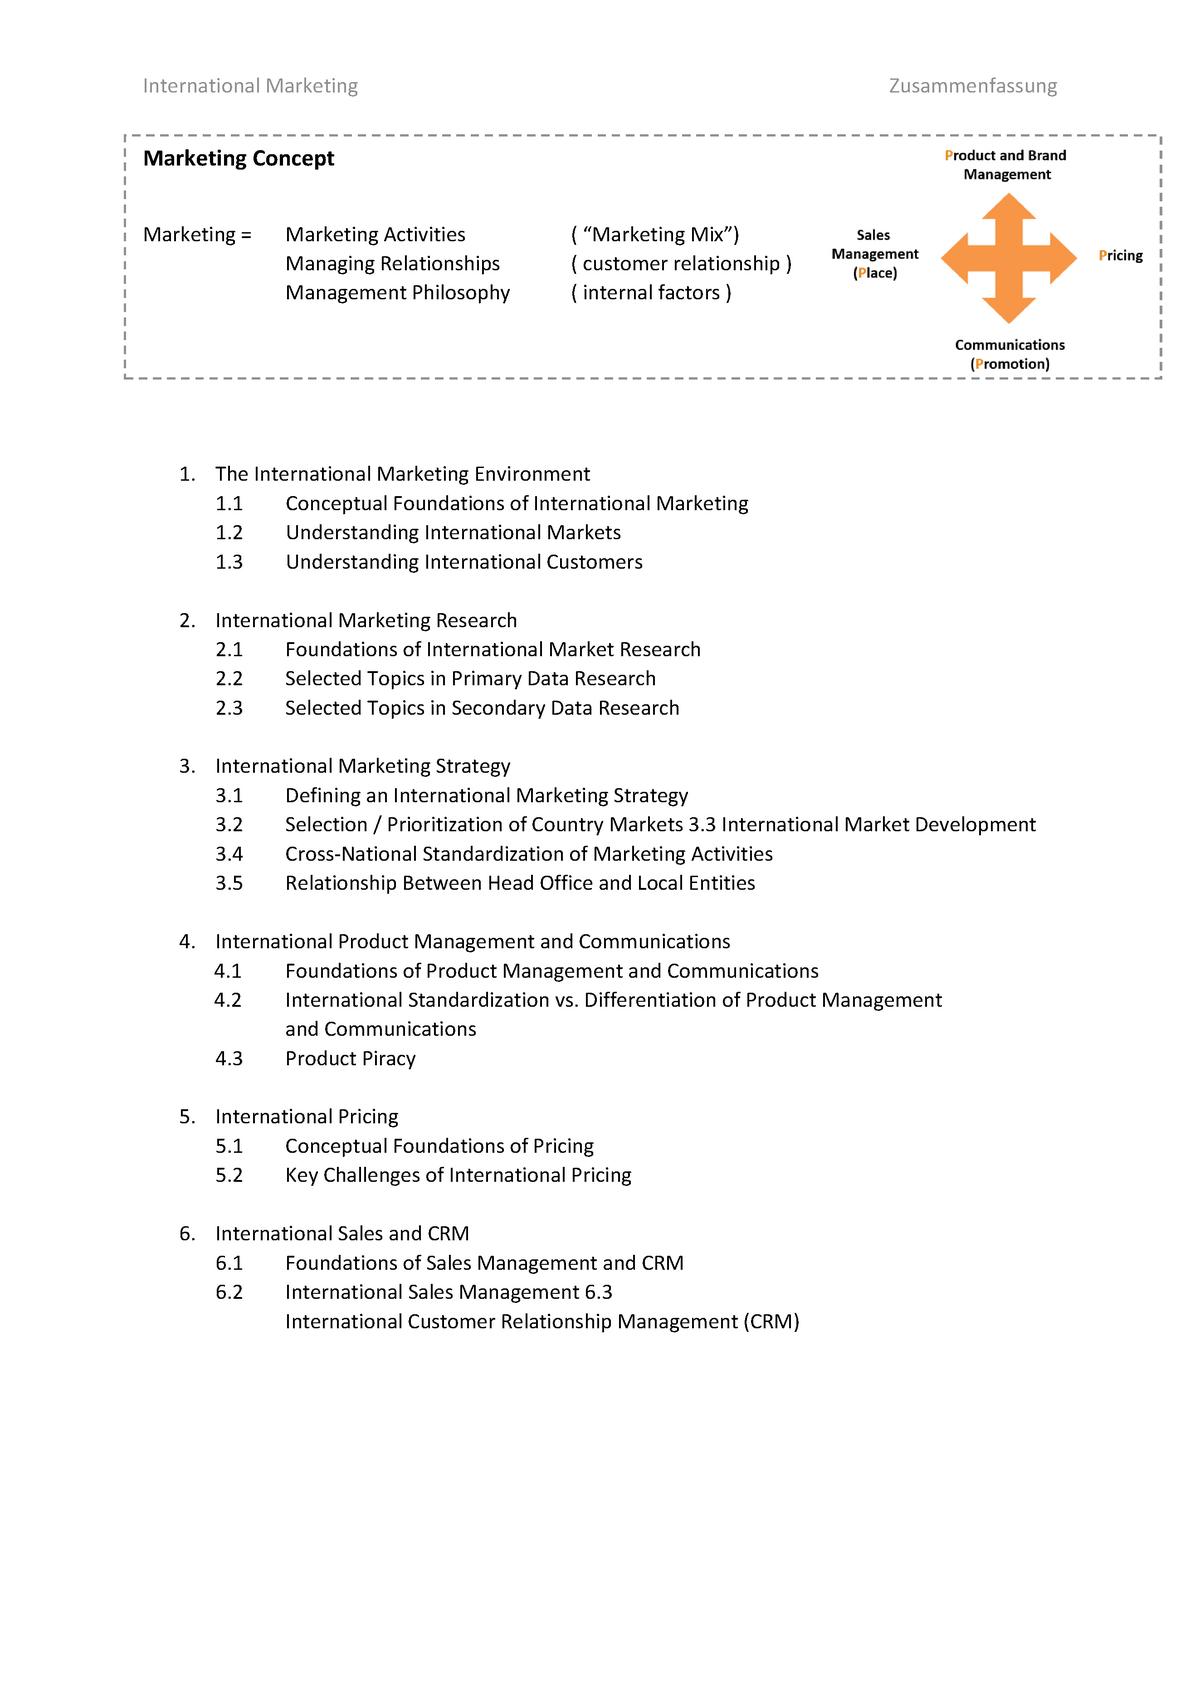 International Marketing Zusammenfassung WS 1718 - 33620